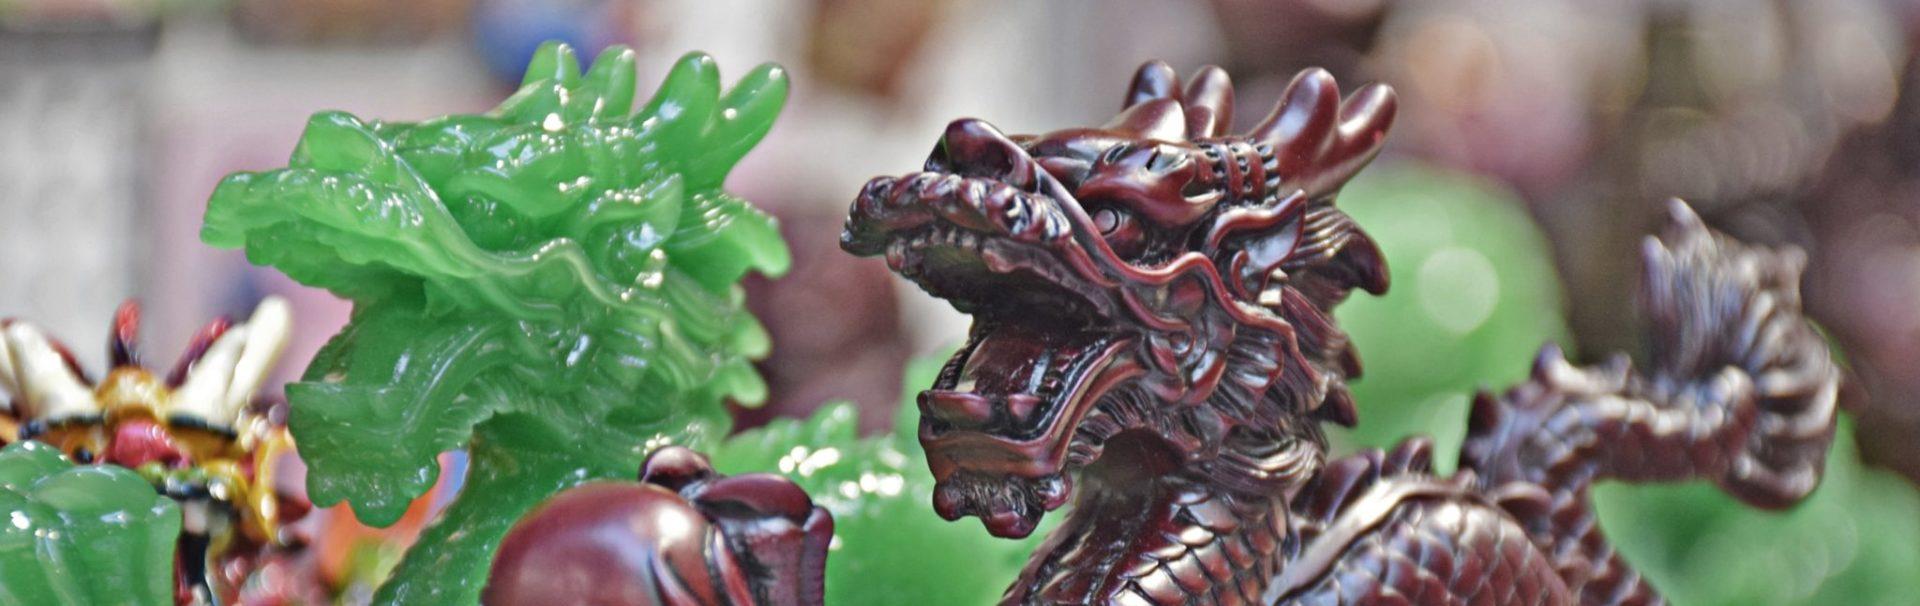 ancient jade sculptures